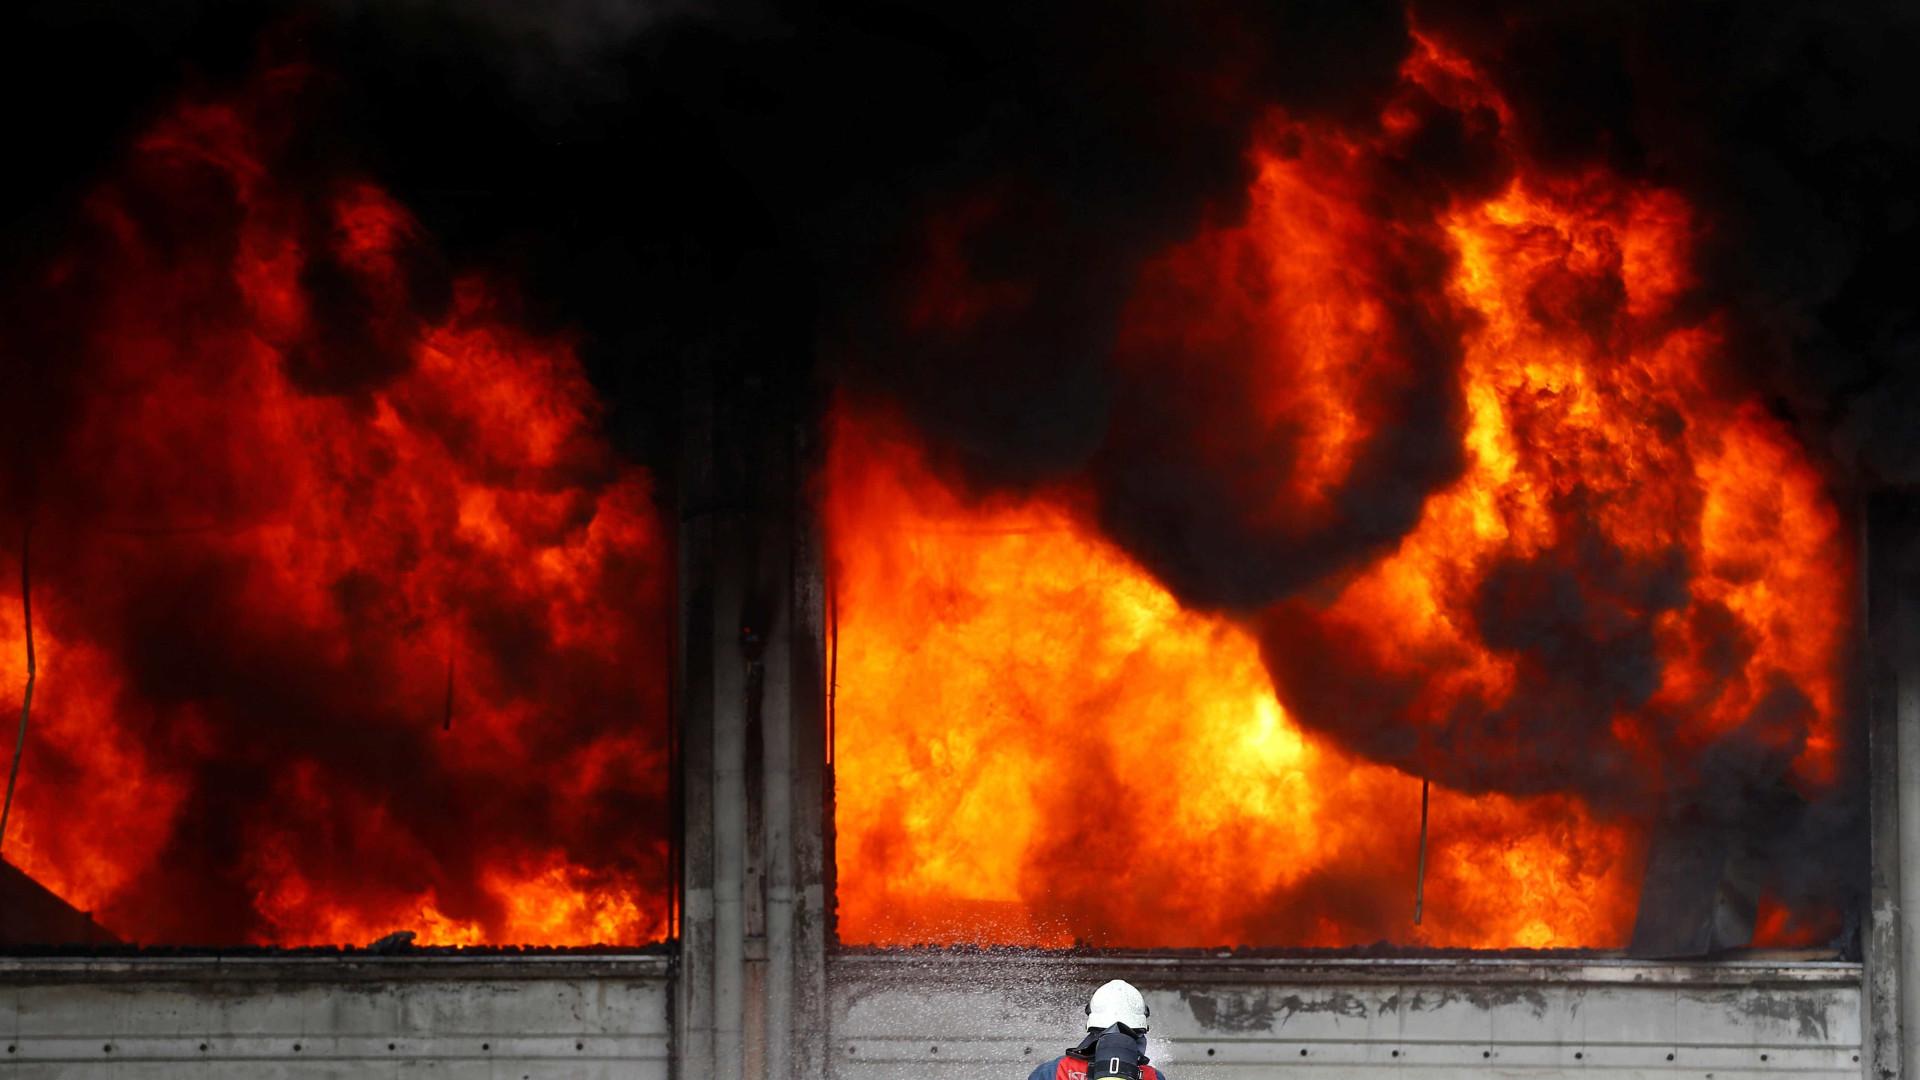 Incêndio em dormitório feminino numa escola turca provoca 12 mortes